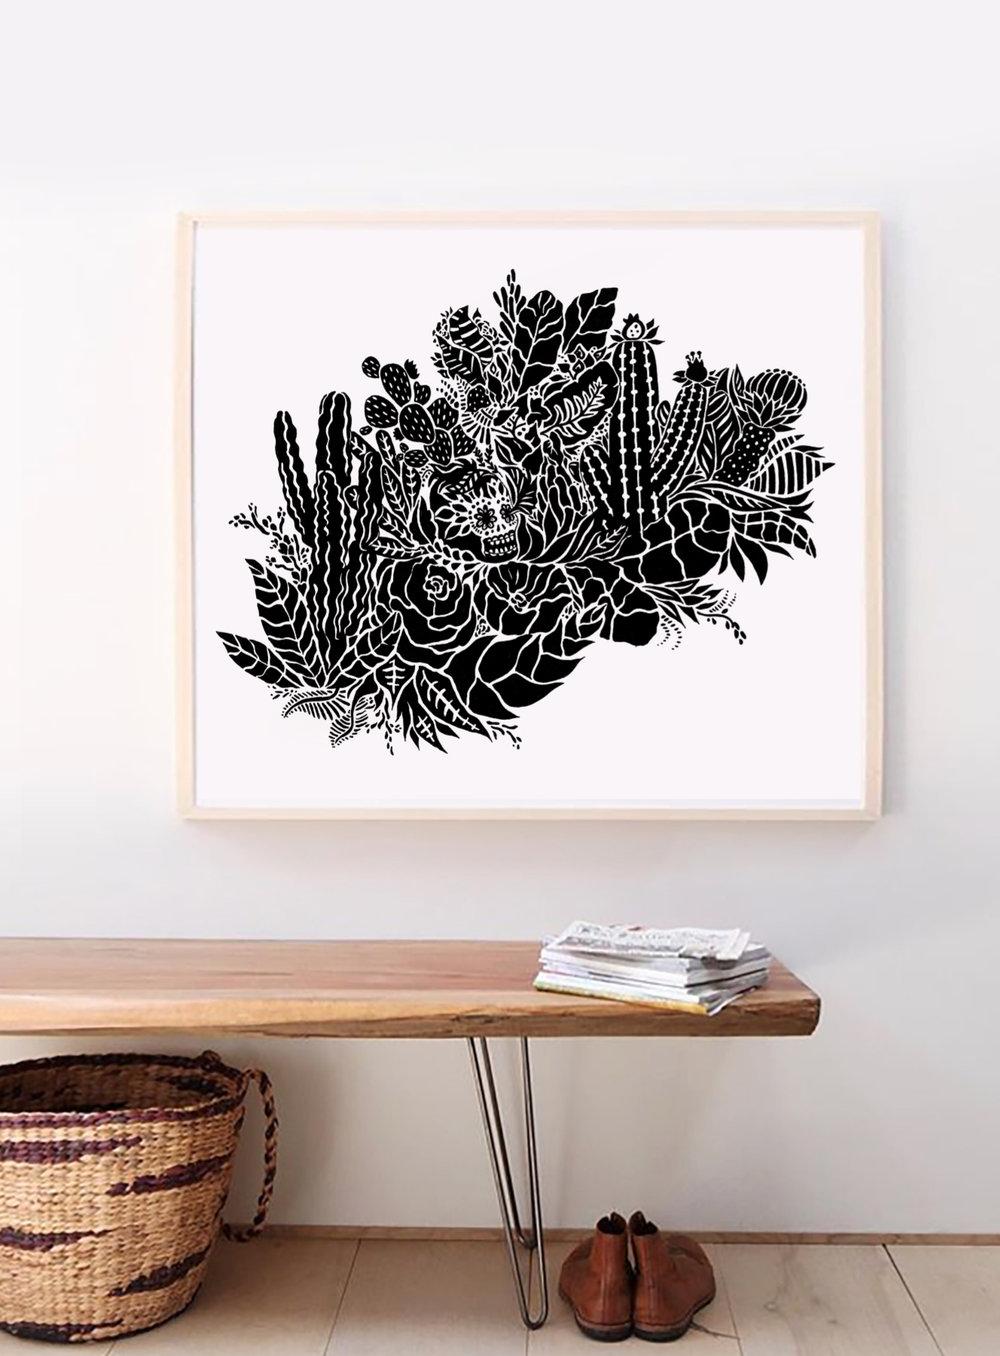 Cactus_02.jpg